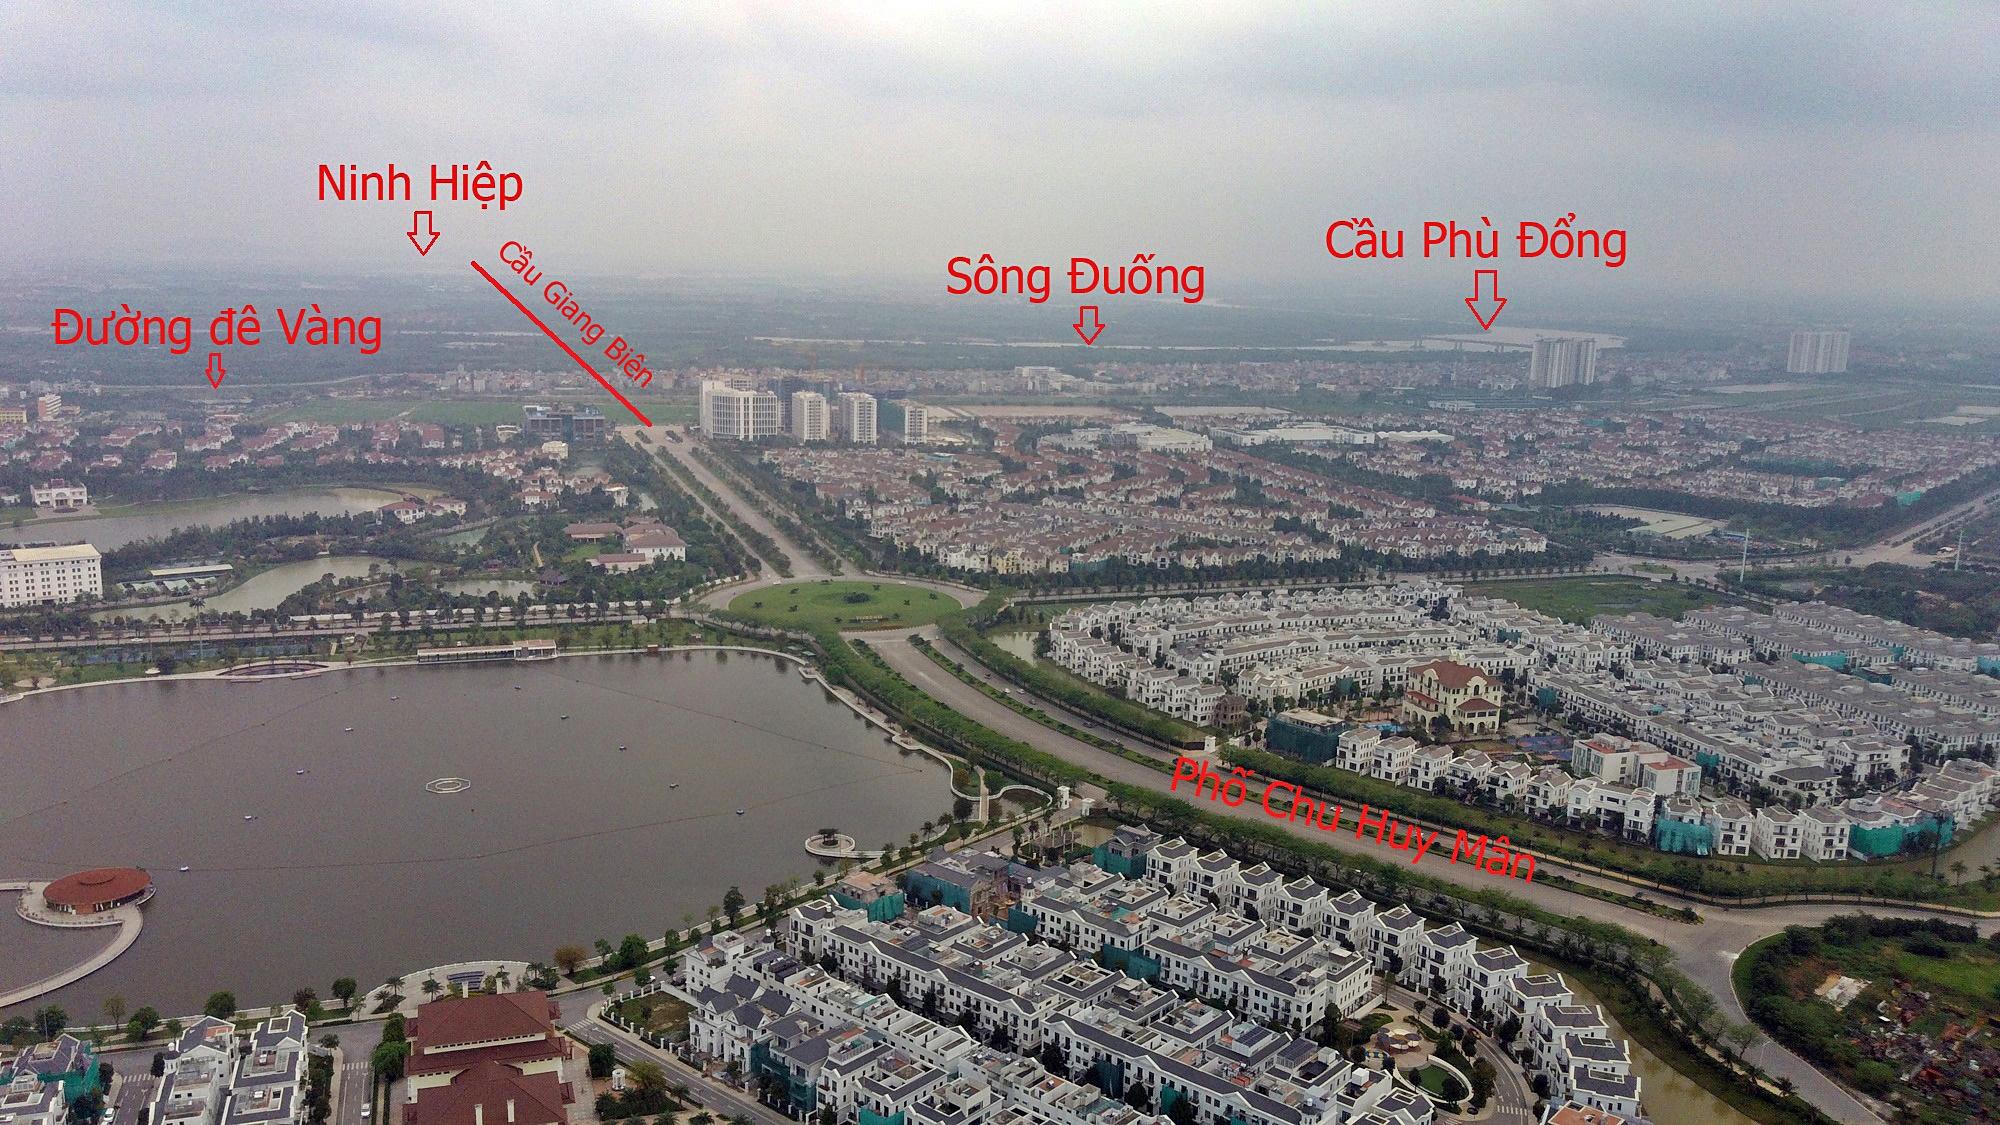 Cầu sẽ mở theo qui hoạch ở Hà Nội: Toành cảnh vị trí làm cầu Giang Biên - Ảnh 2.